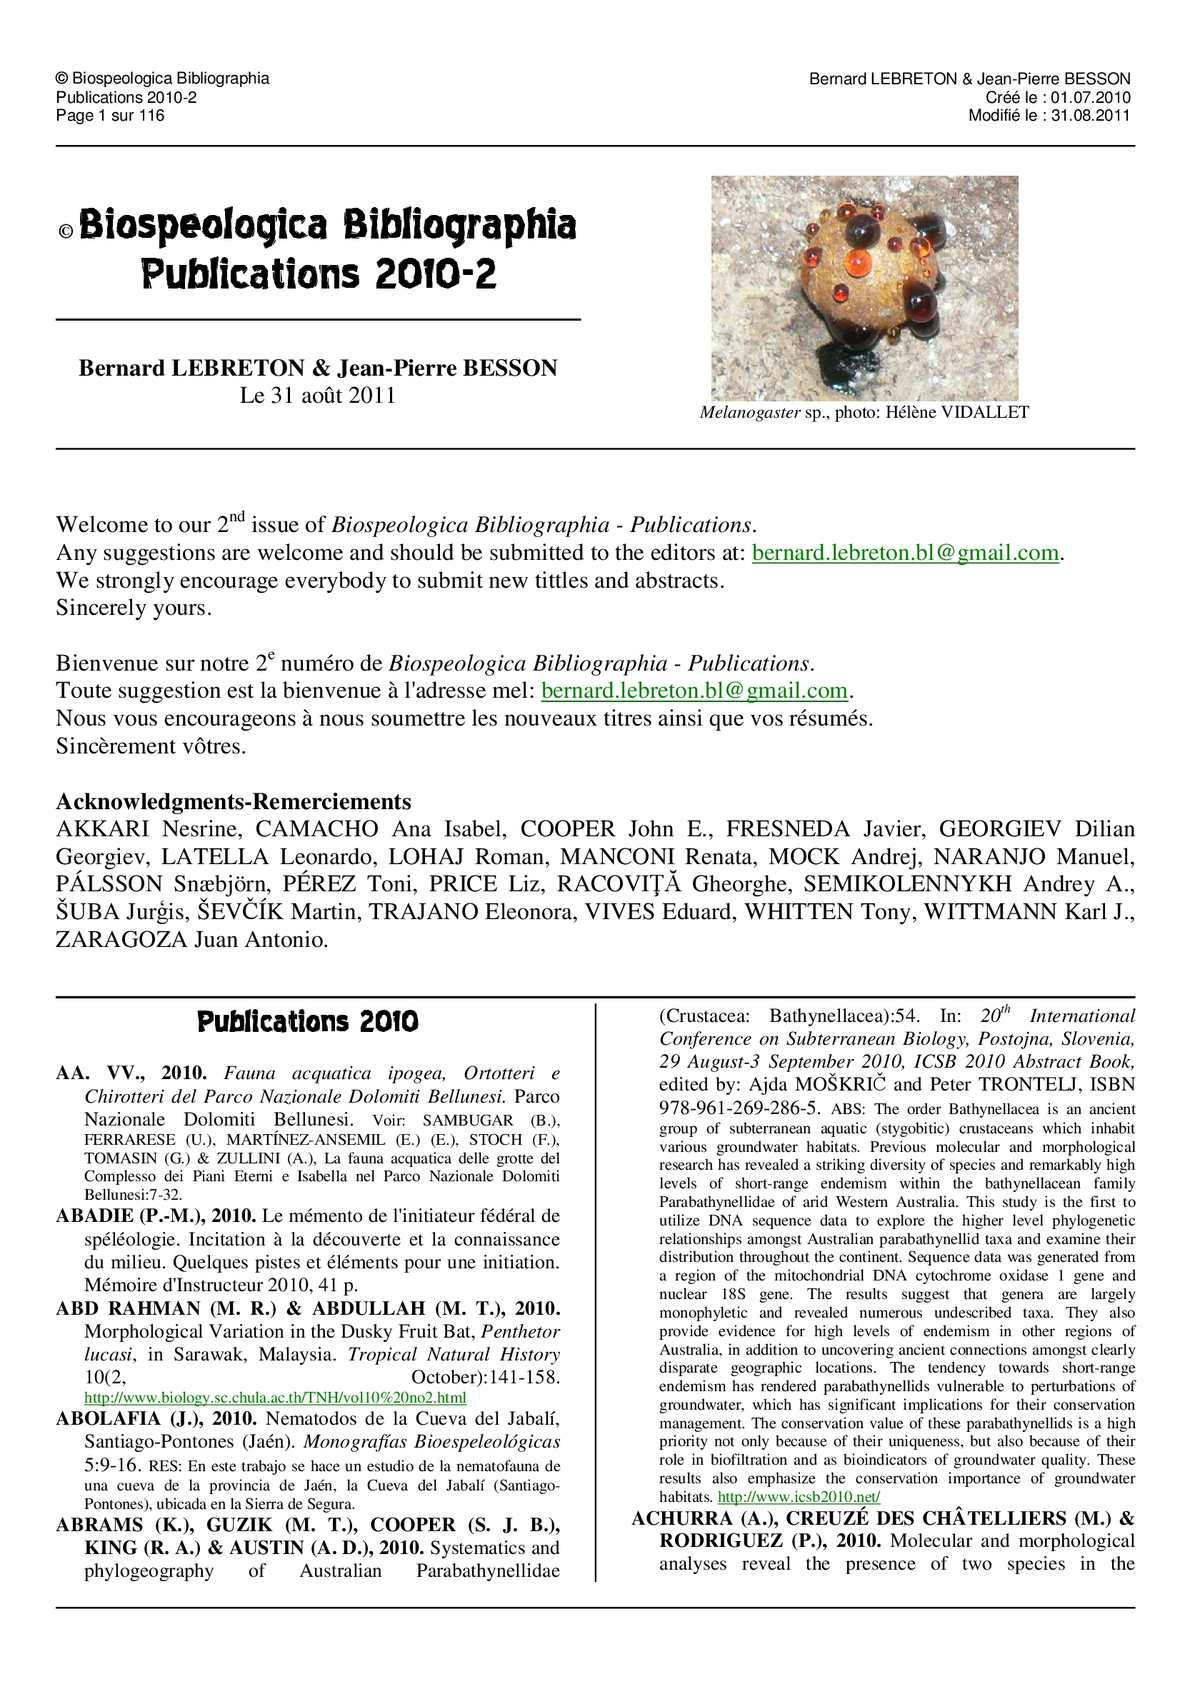 Entrée Jardin D Acclimatation Best Of Calaméo © Biospeologica Bibliographia Publications 2010 2 Of 80 Unique Entrée Jardin D Acclimatation